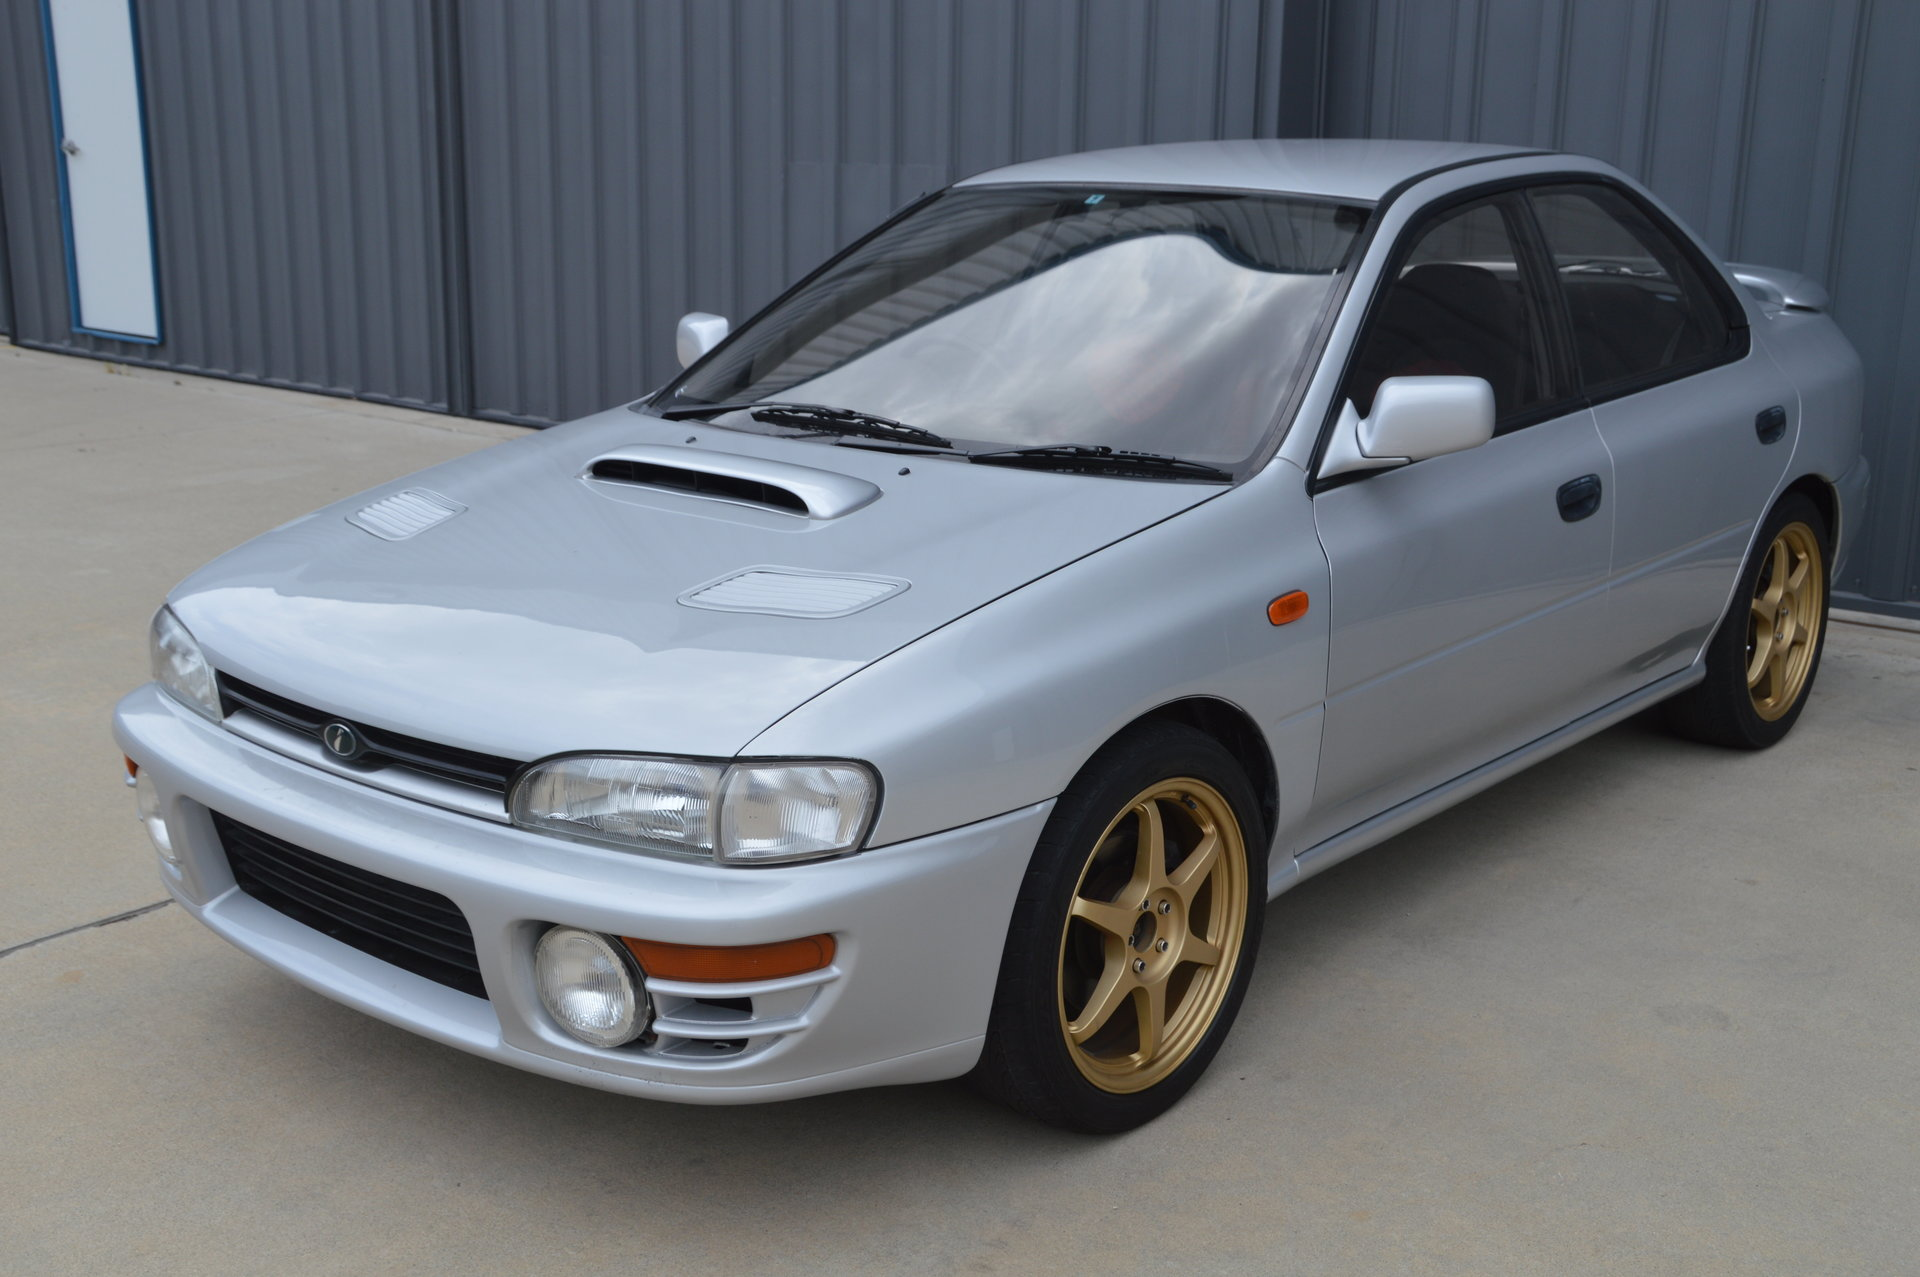 F F E Hd Subaru Impreza Wrx